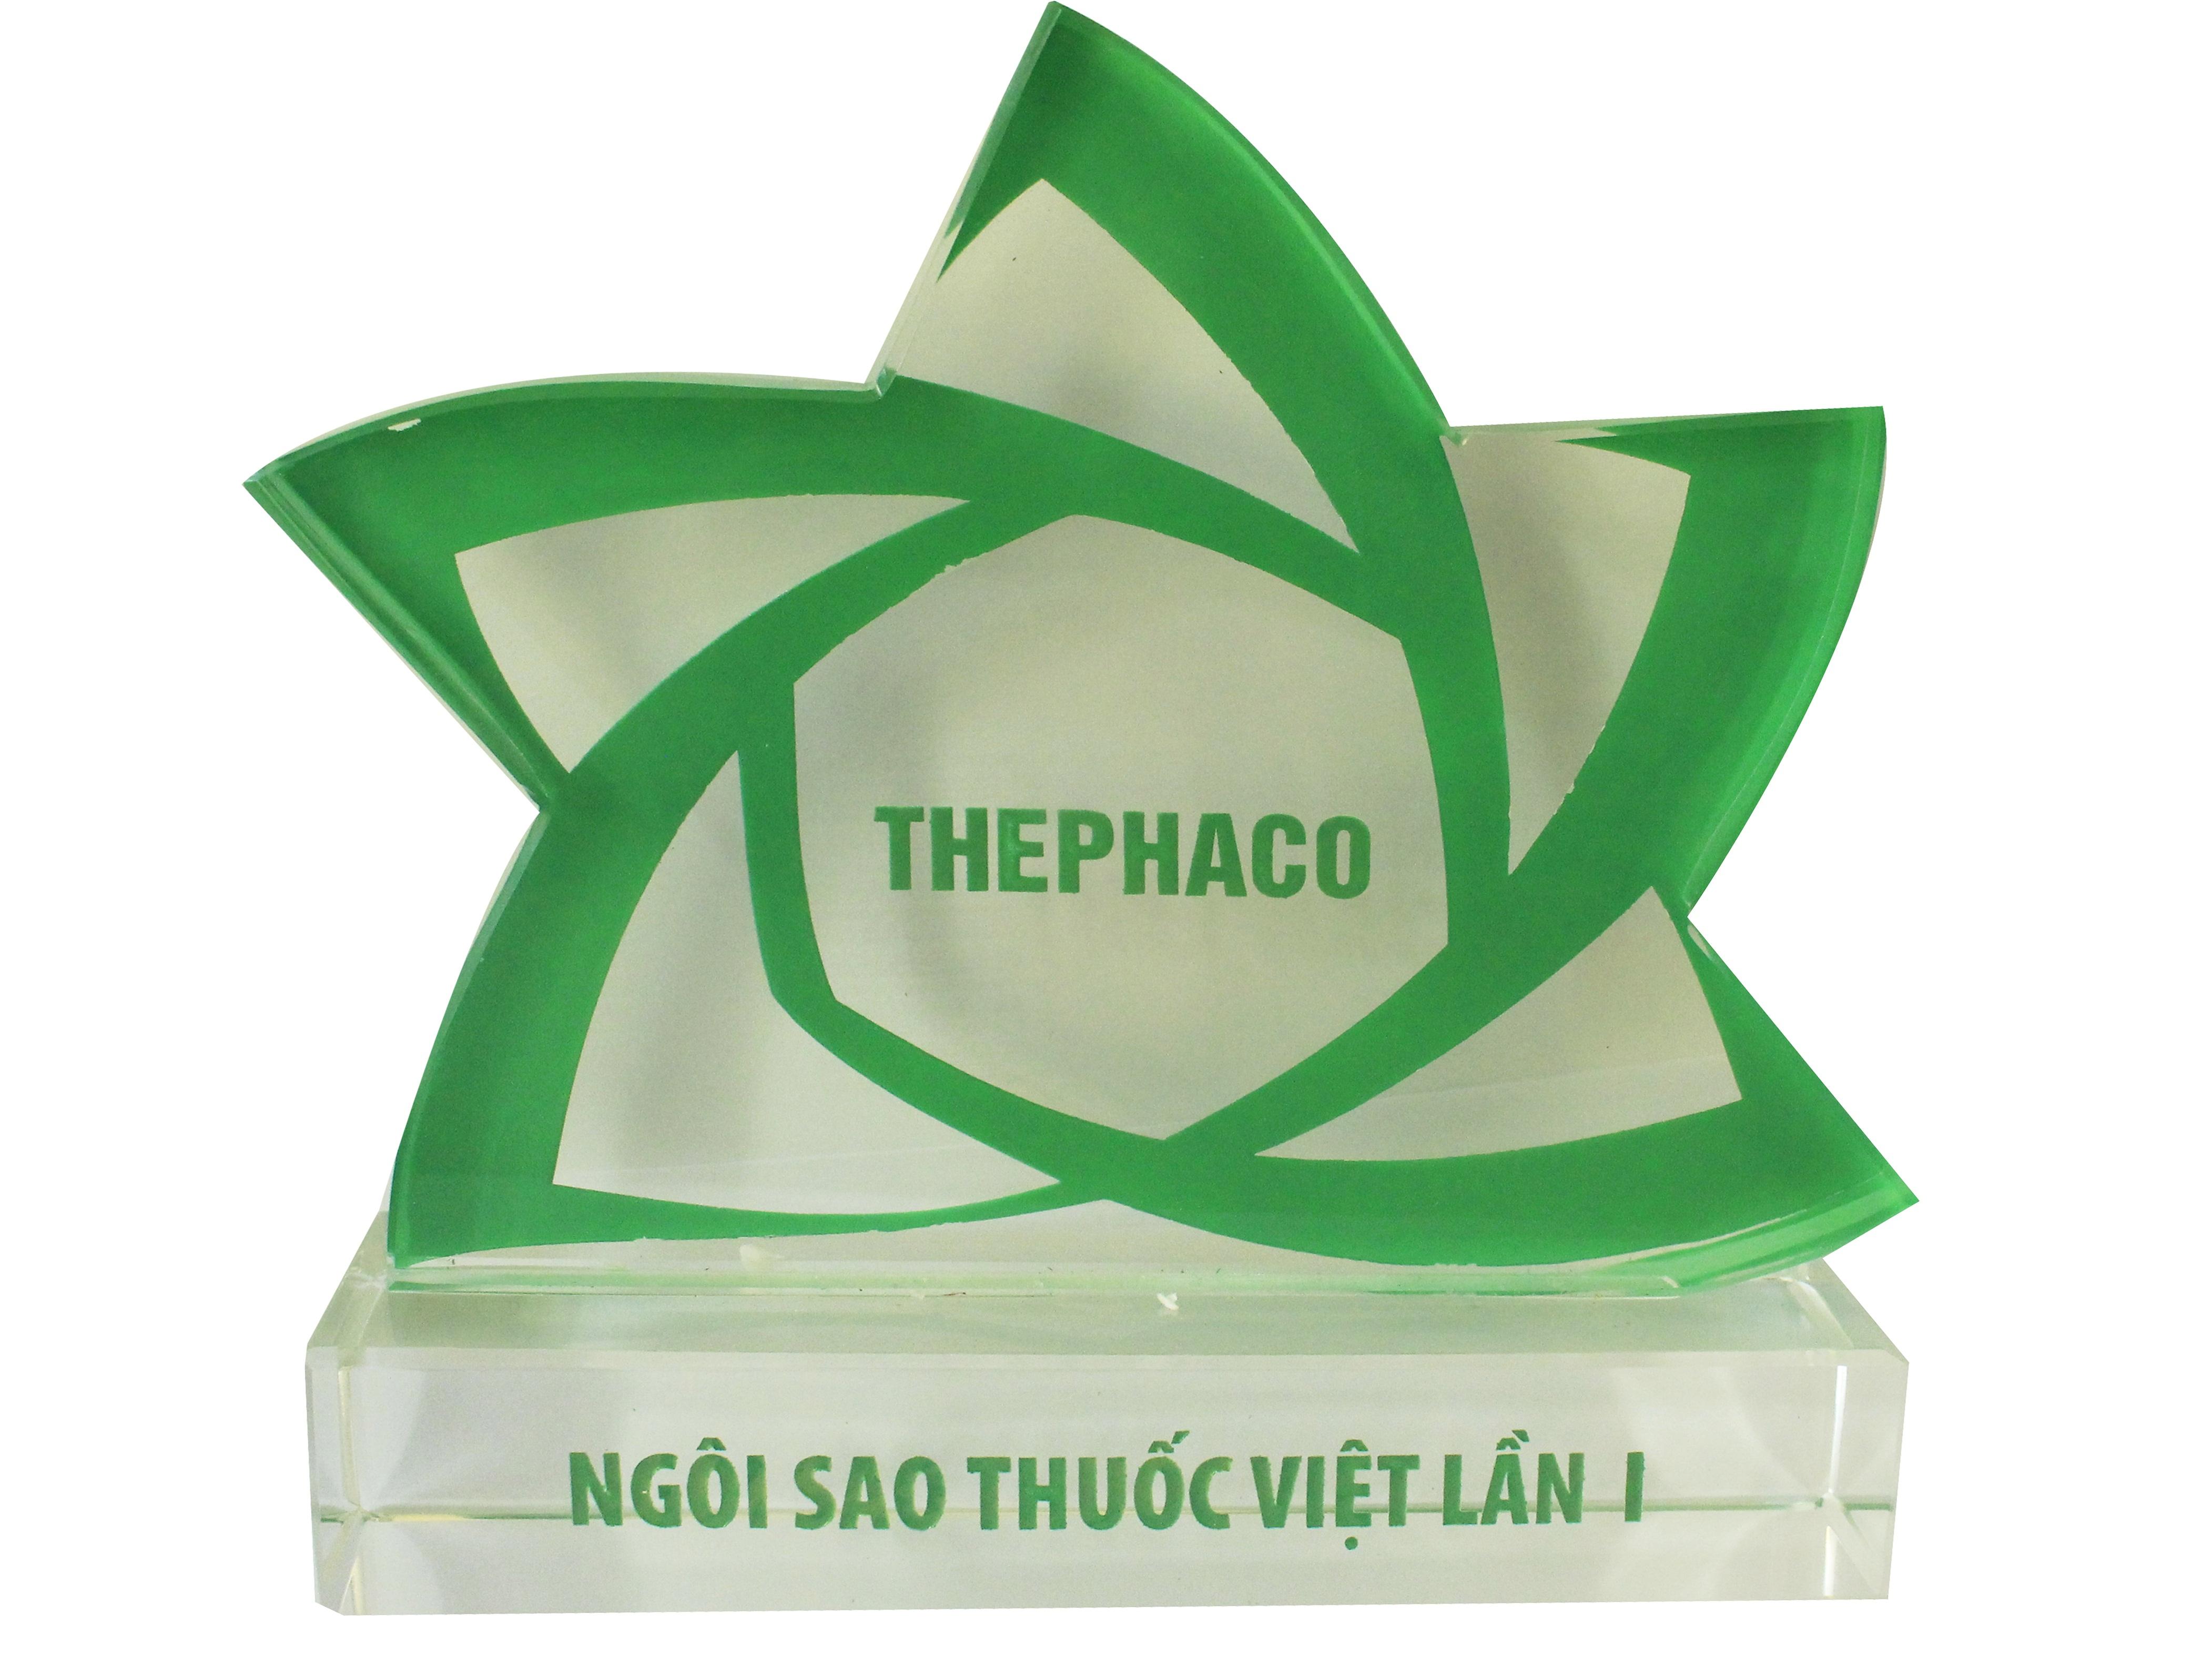 NGÔI SAO THUỐC VIỆT